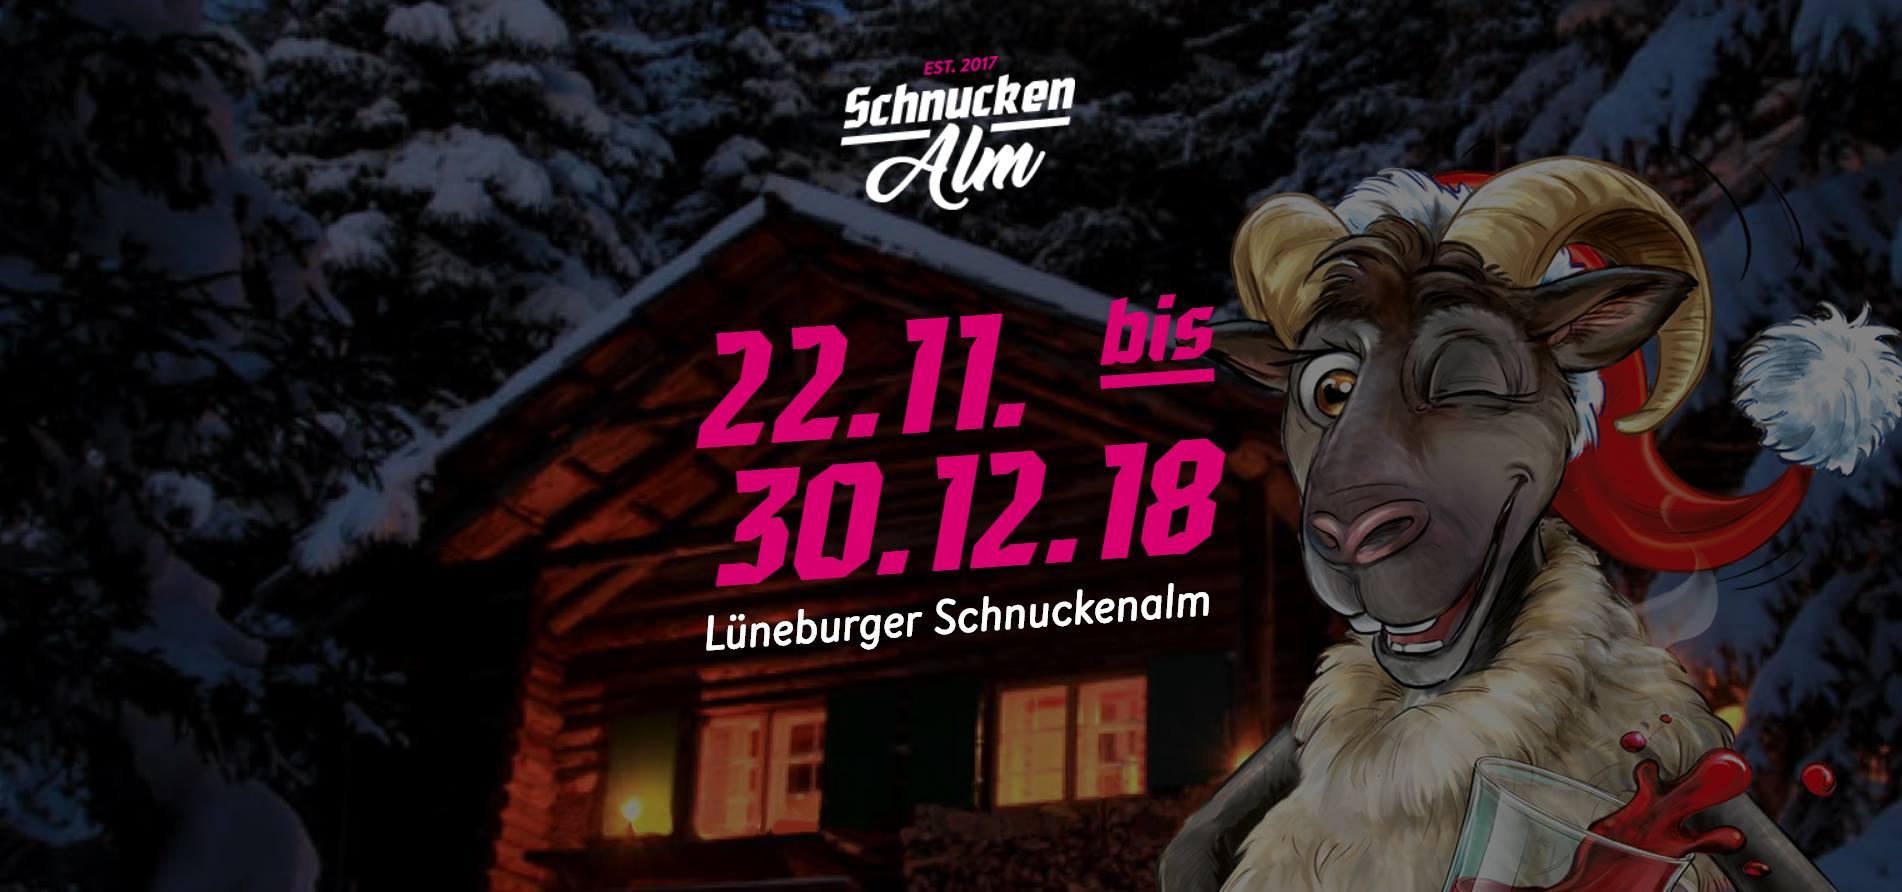 lueneburger-weihnachtsdorf-2018